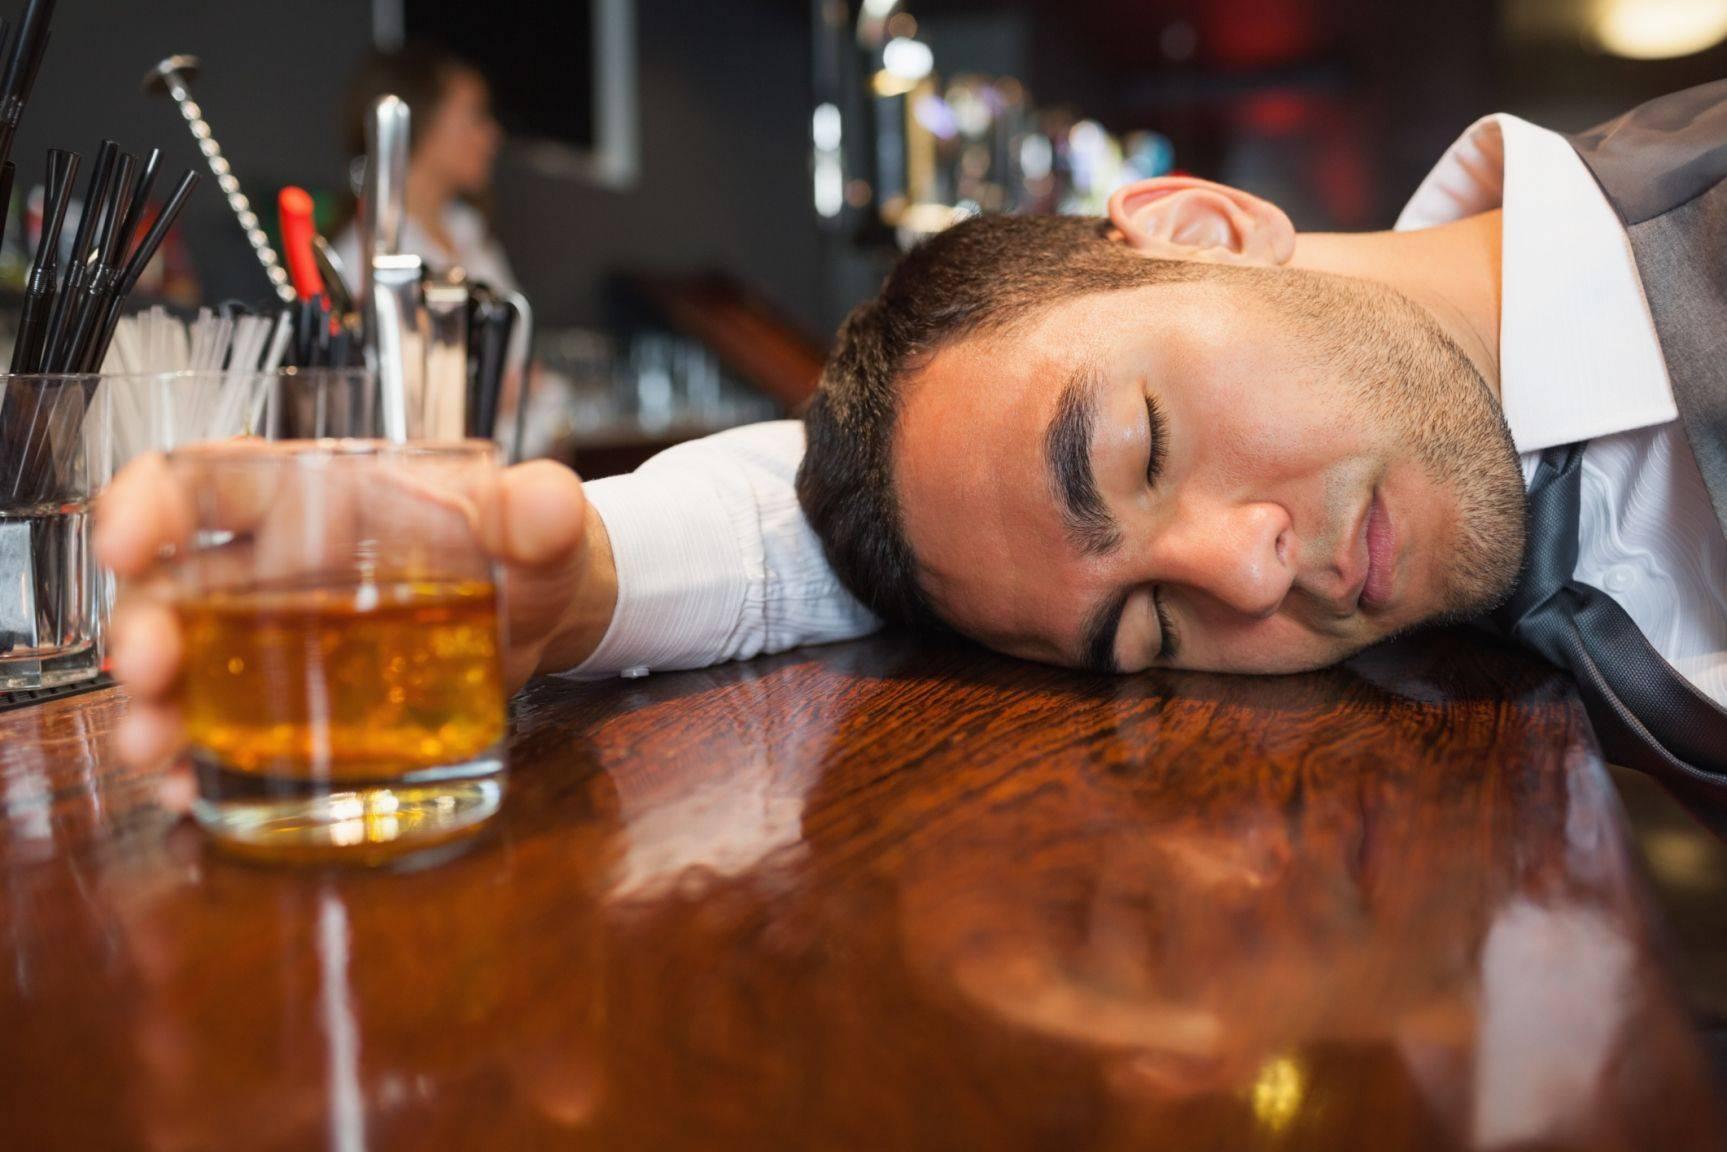 В Минздраве связали около 75% смертей мужчин в России с потреблением алкоголя